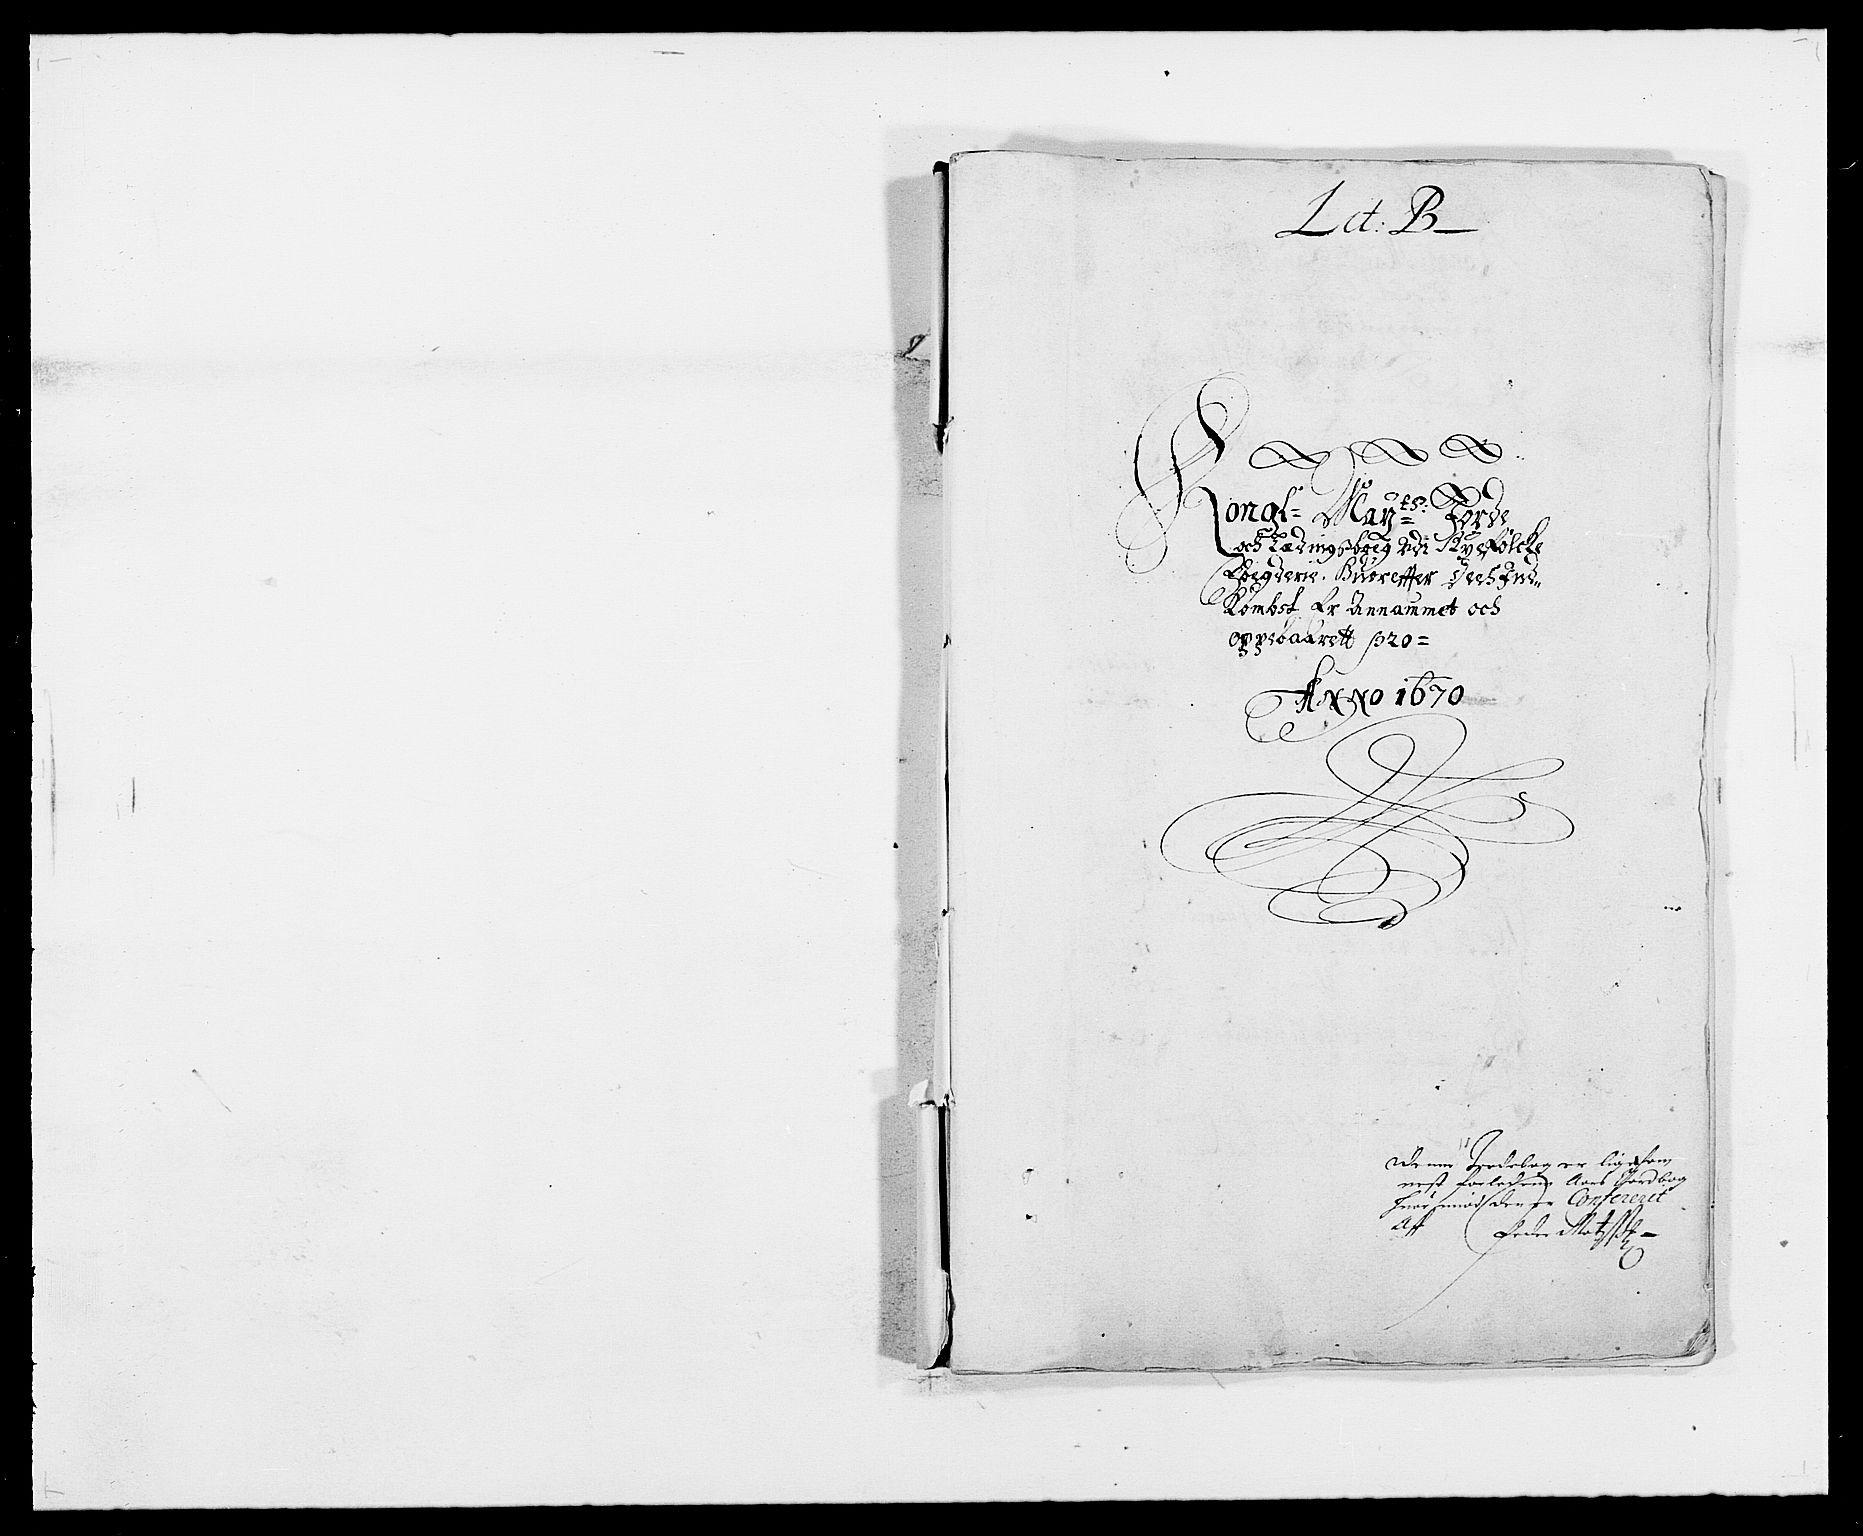 RA, Rentekammeret inntil 1814, Reviderte regnskaper, Fogderegnskap, R47/L2843: Fogderegnskap Ryfylke, 1670-1671, s. 11